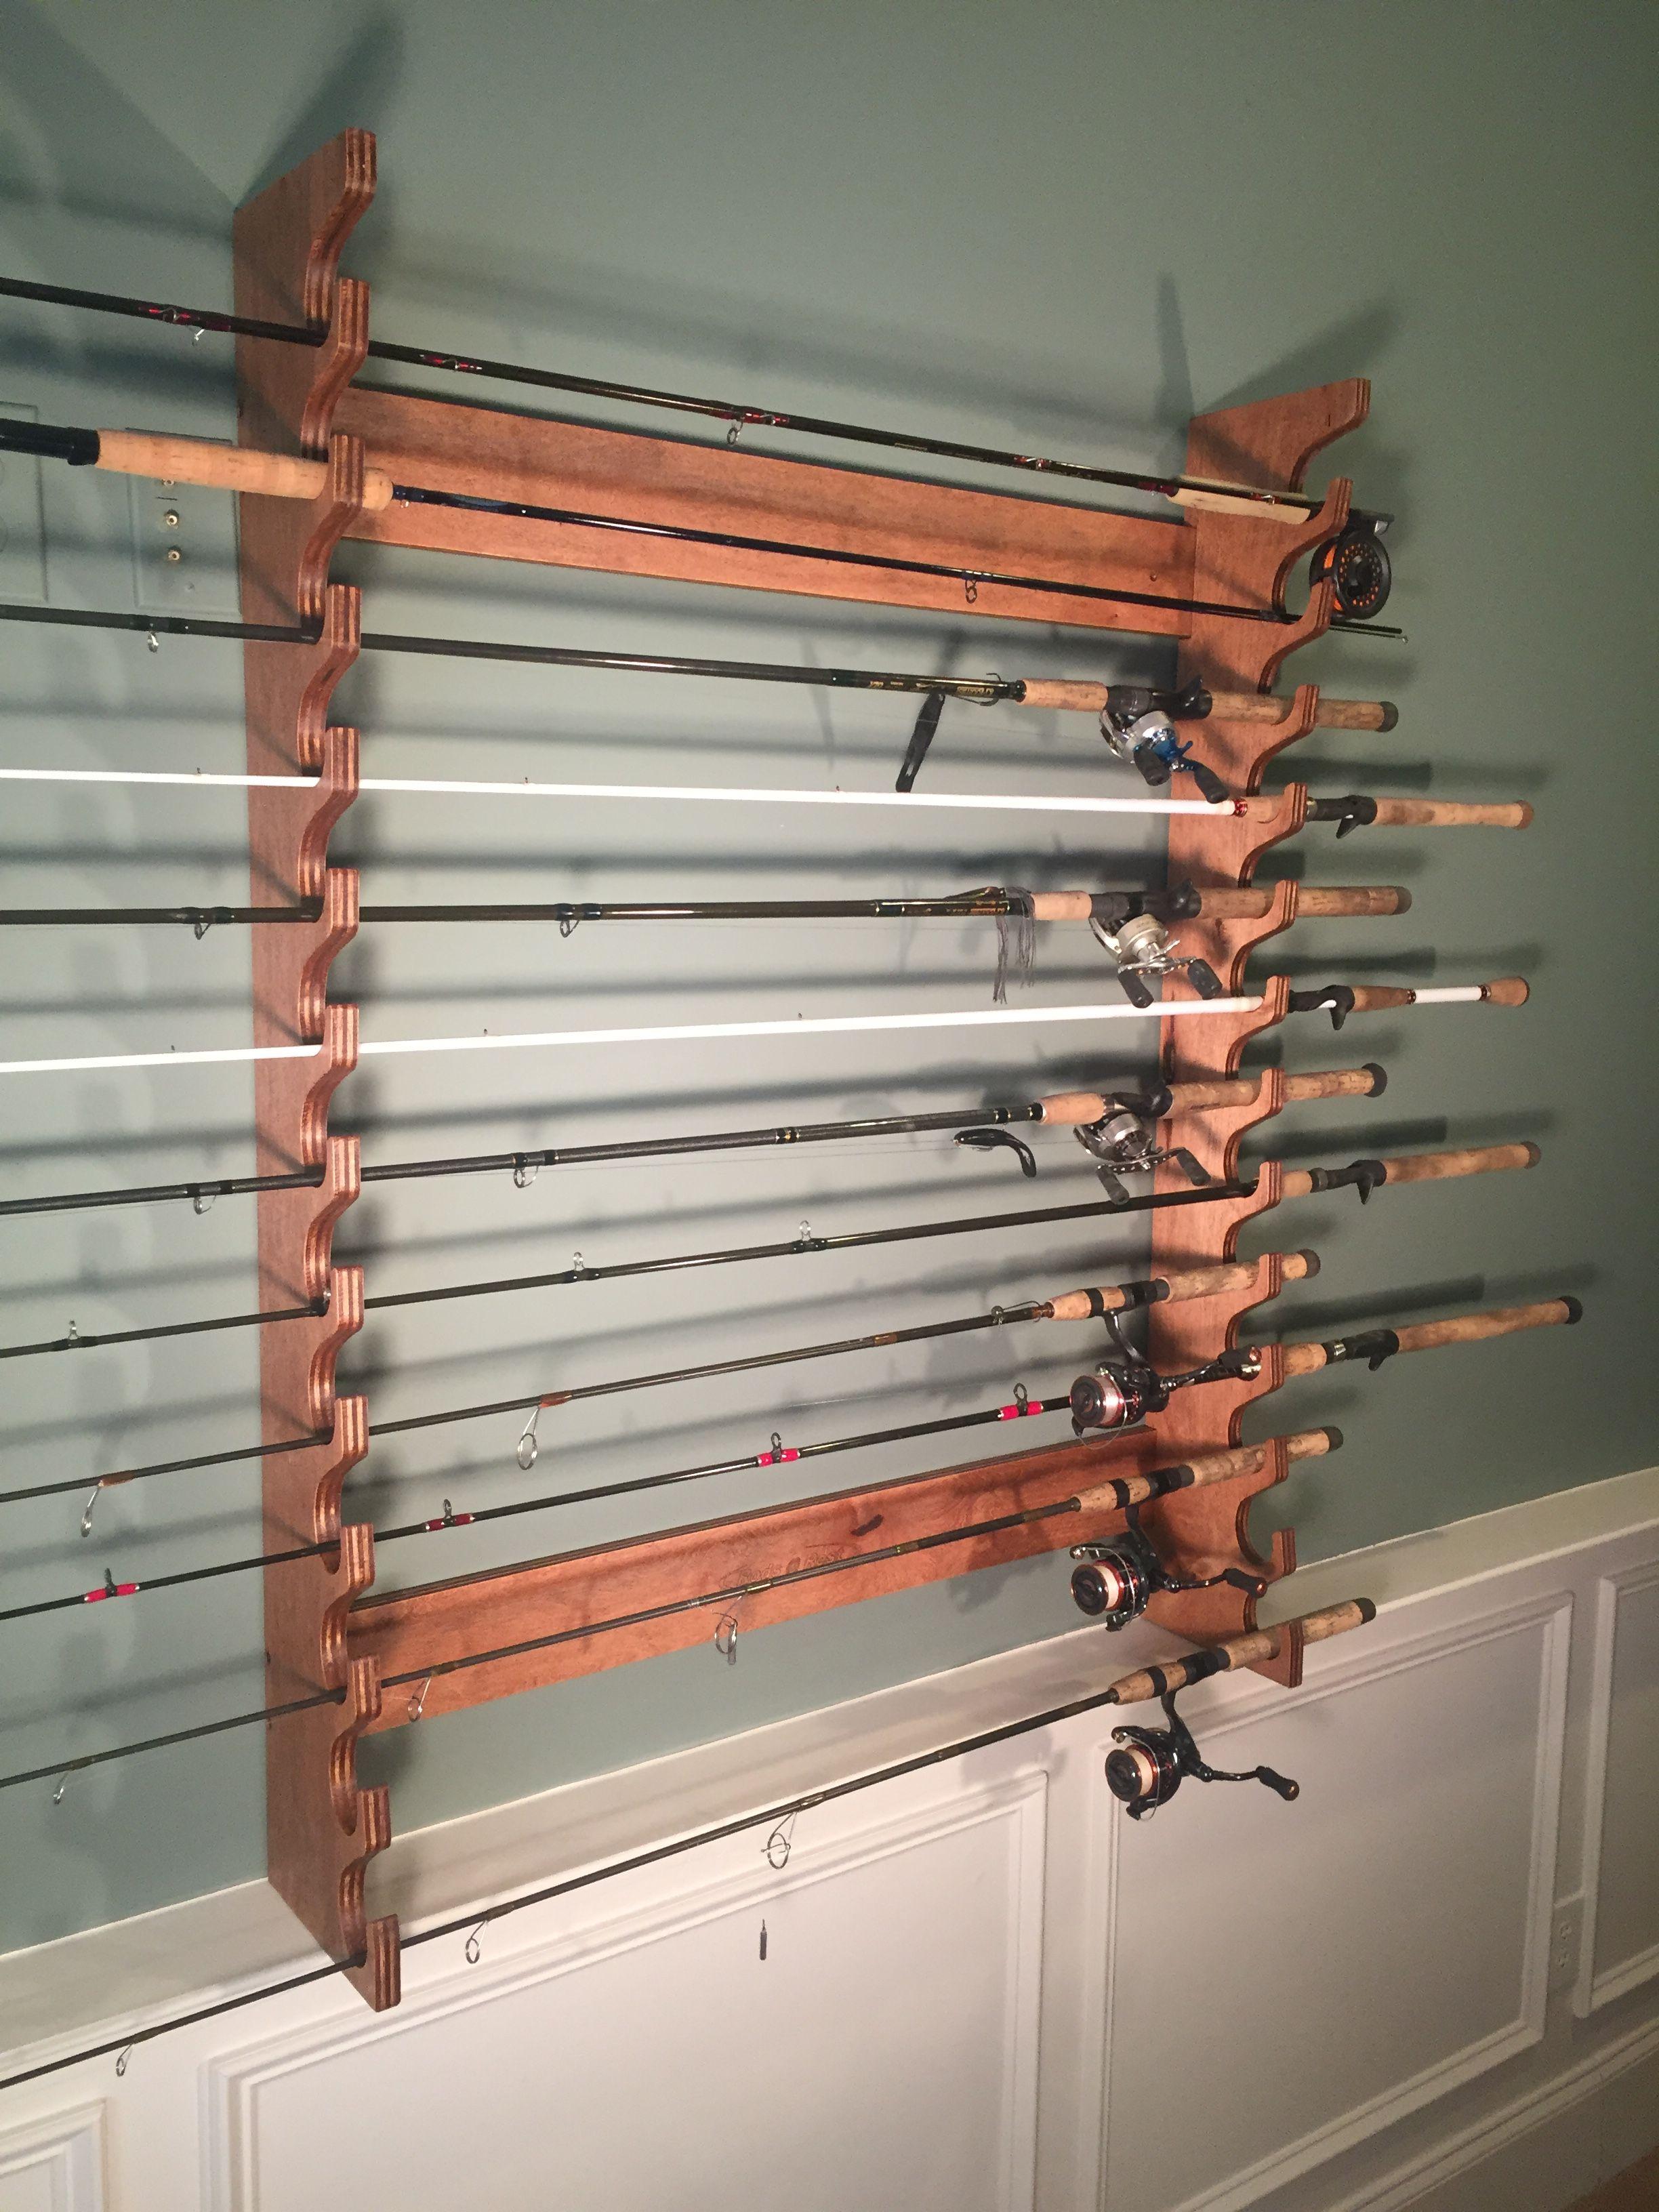 Pin Jc Bales Racks Holders Fishing Rod Storage